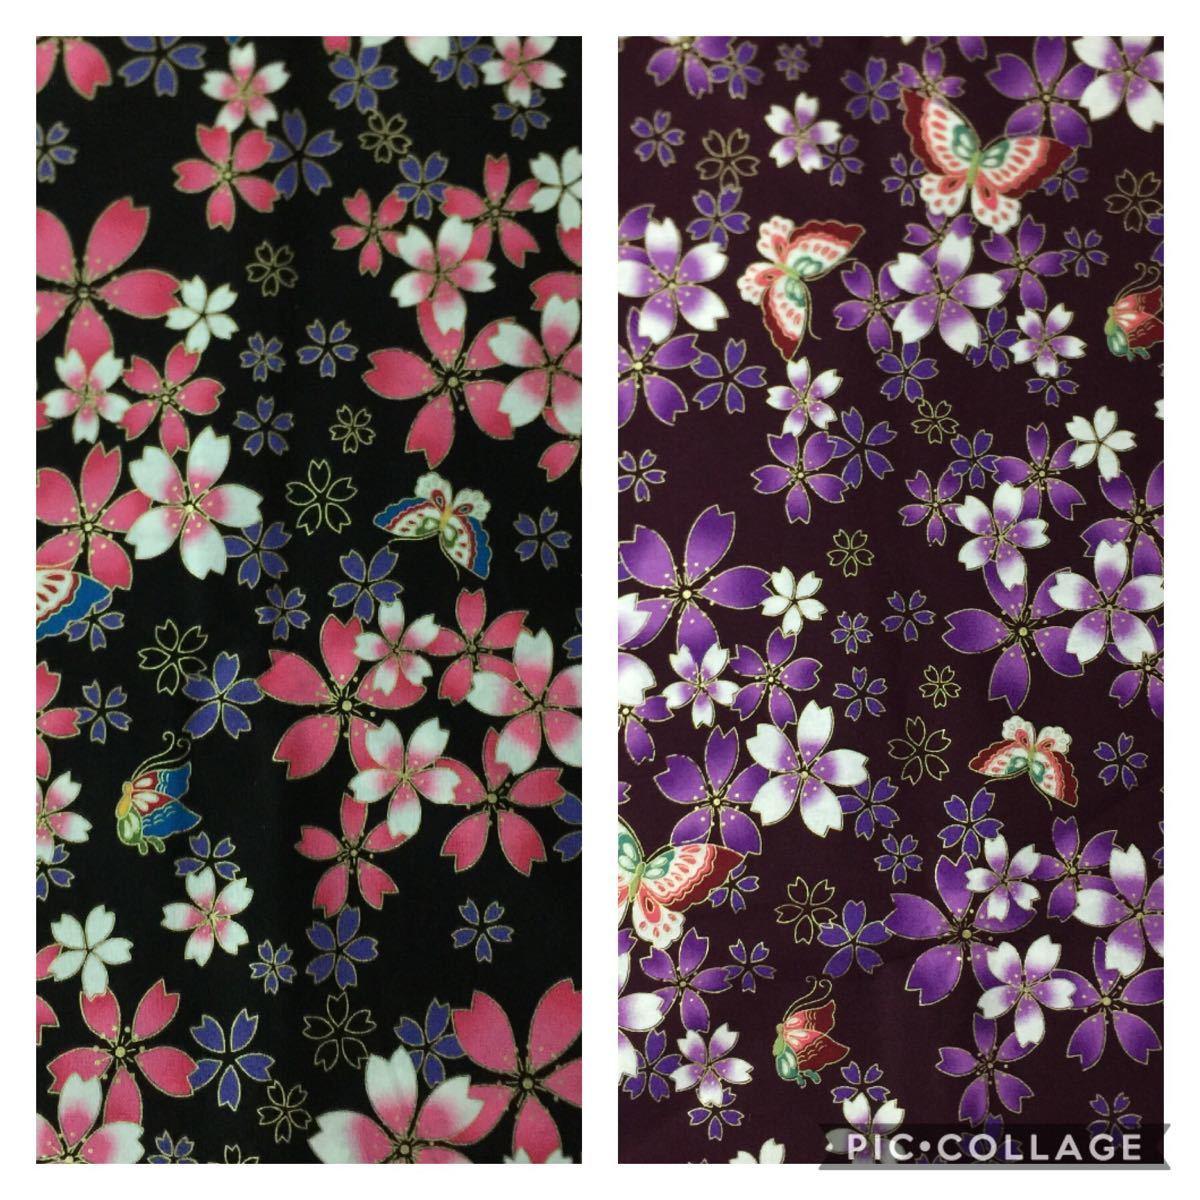 生地 ハギレ 和柄 桜と蝶々 各50cm 金糸プリント 二色セット